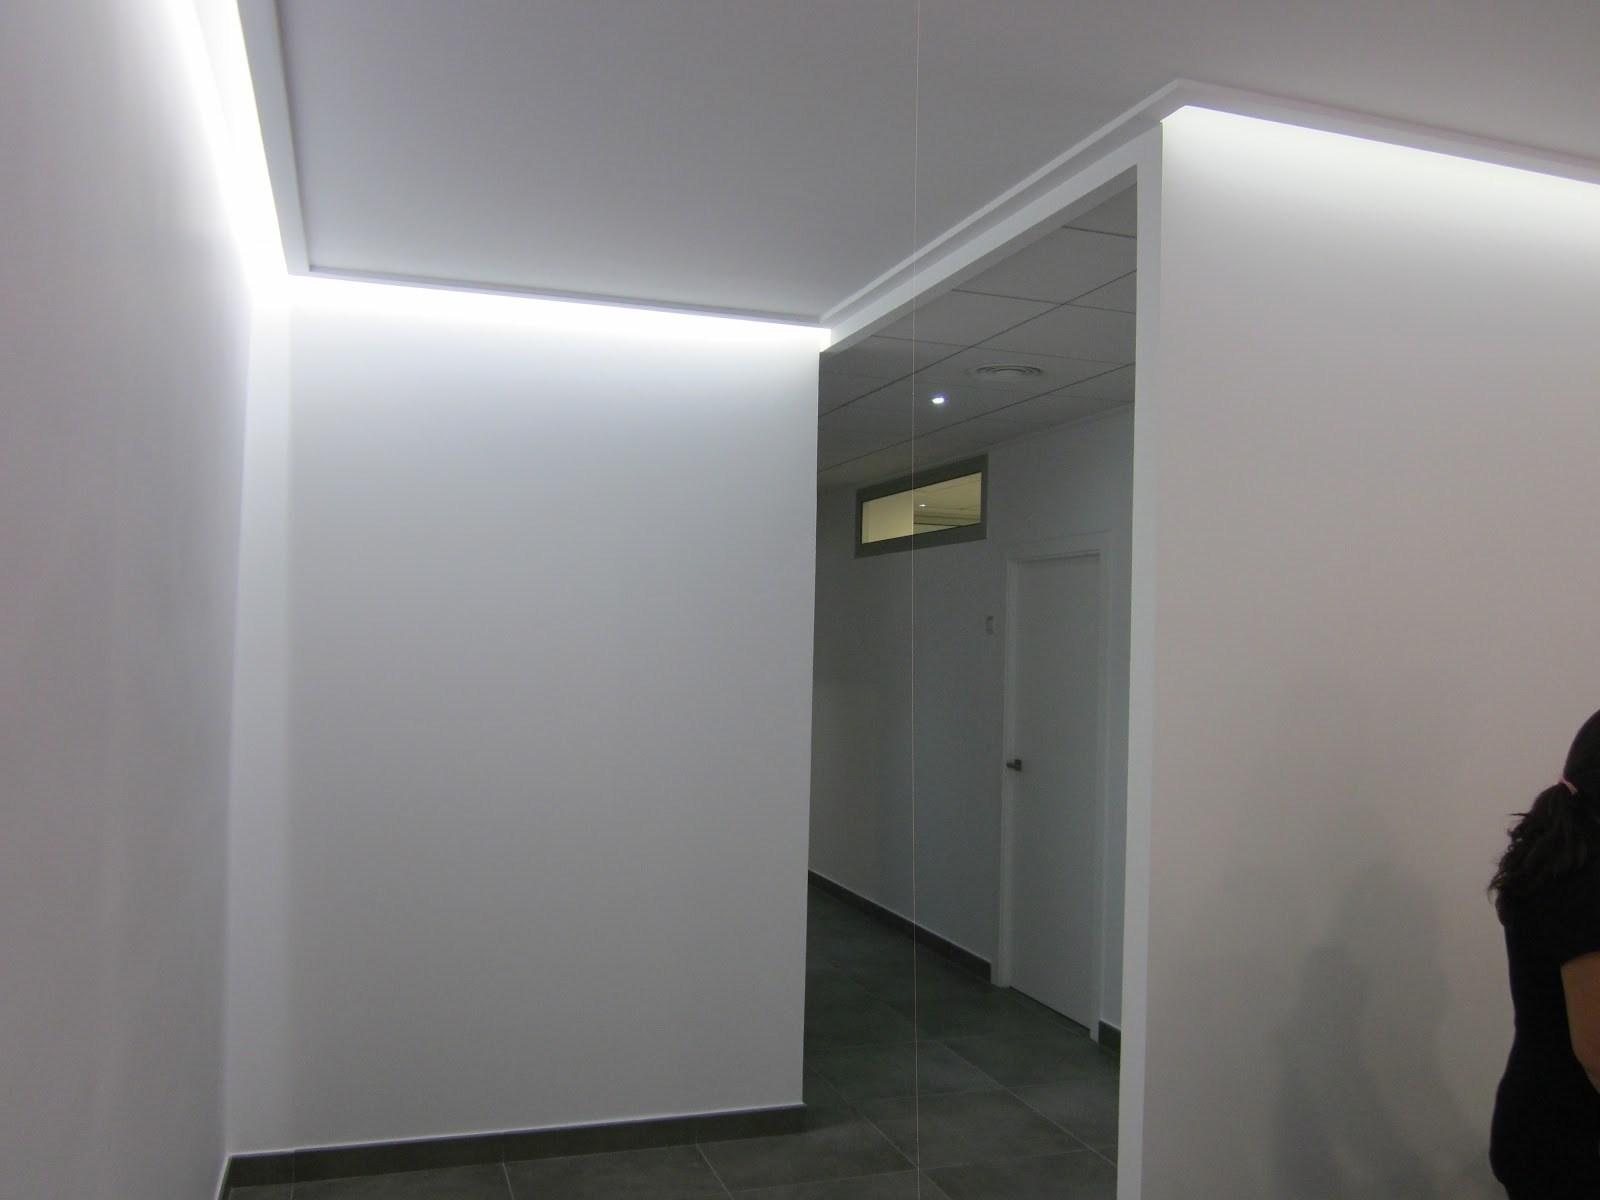 Realizzare Parete In Cartongesso casa moderna, roma italy: realizzare una parete in cartongesso